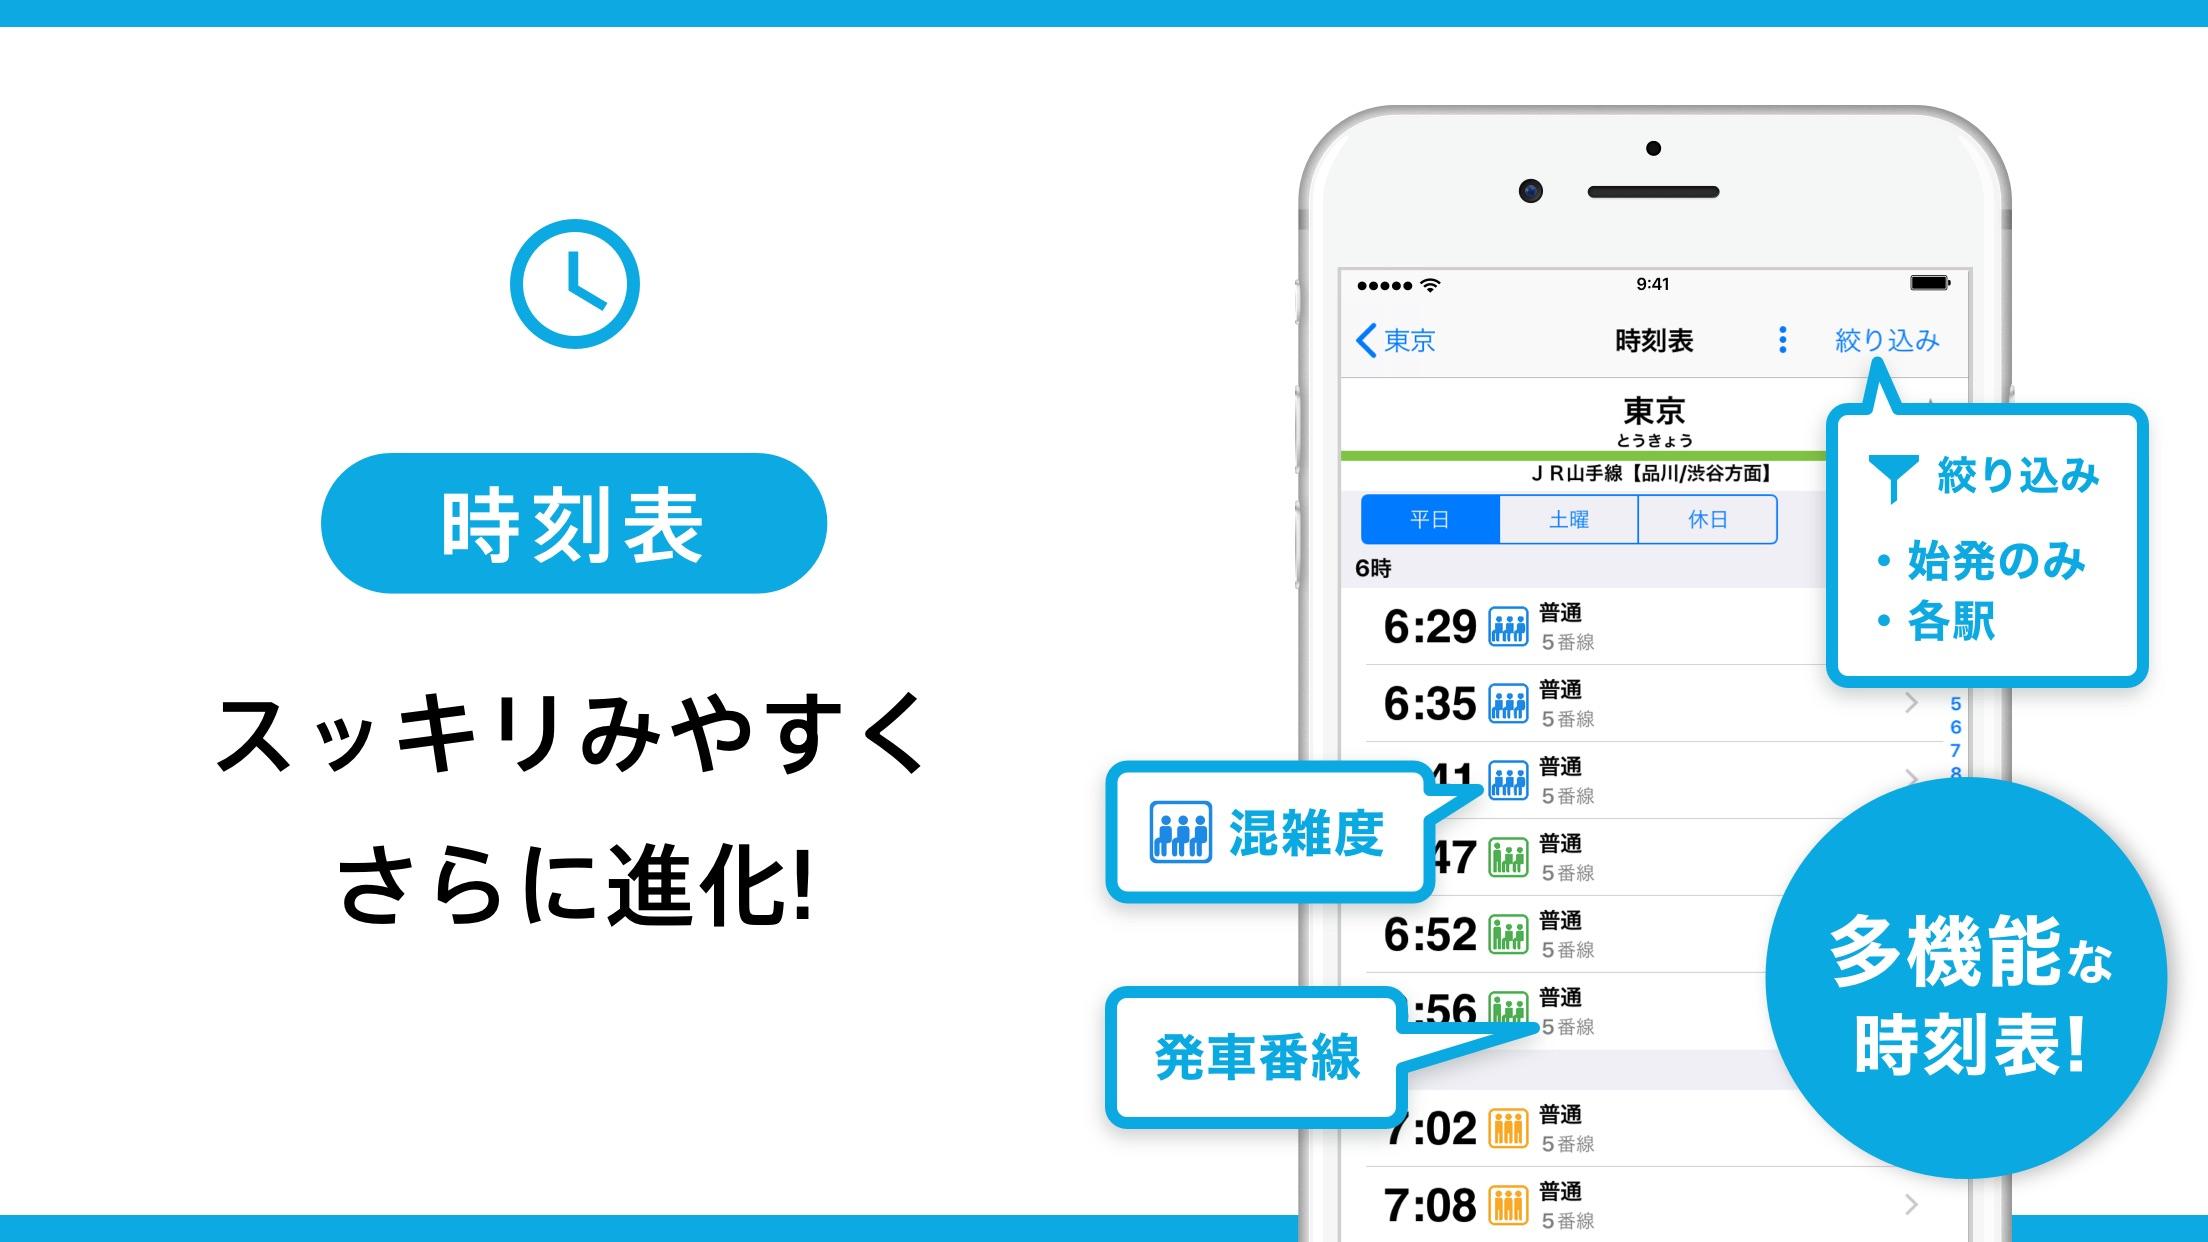 乗り換えナビタイム(時刻表・運行情報アプリ) Screenshot